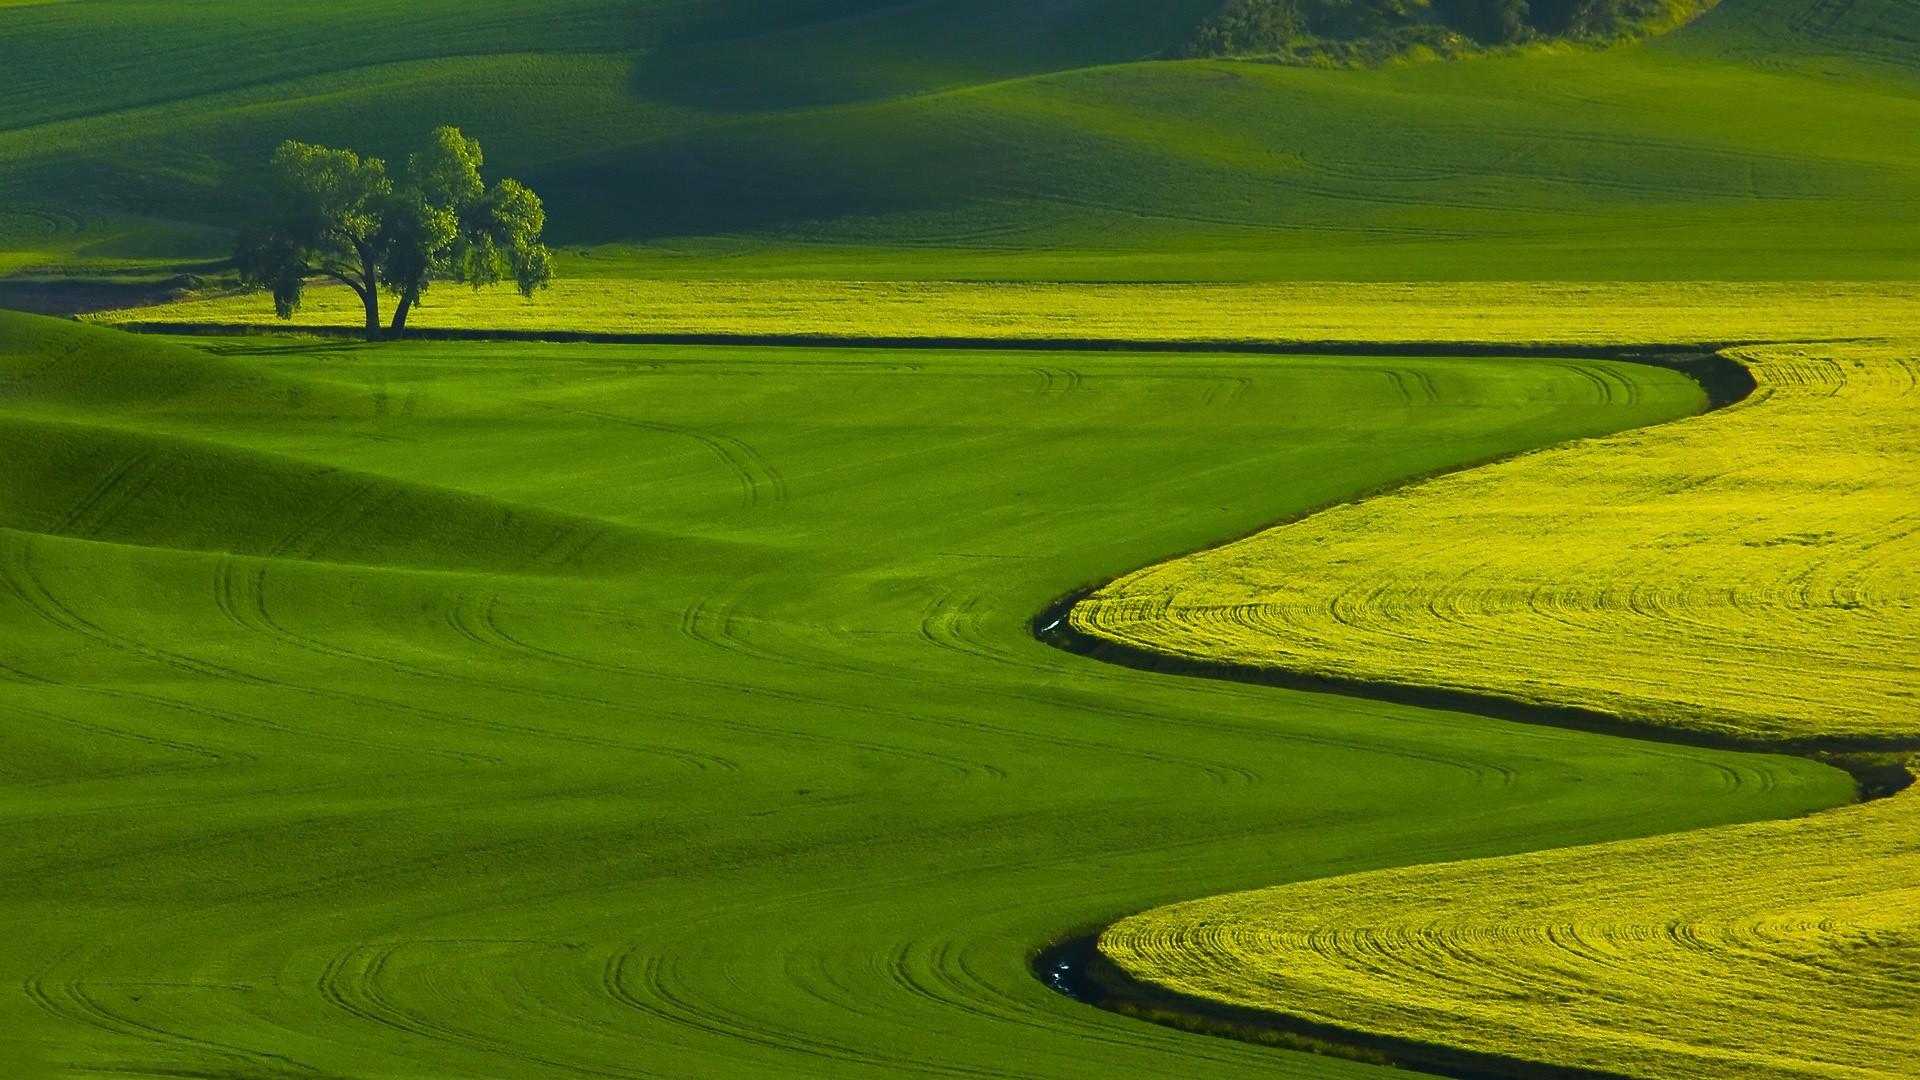 Green Grass Field Wallpaper.